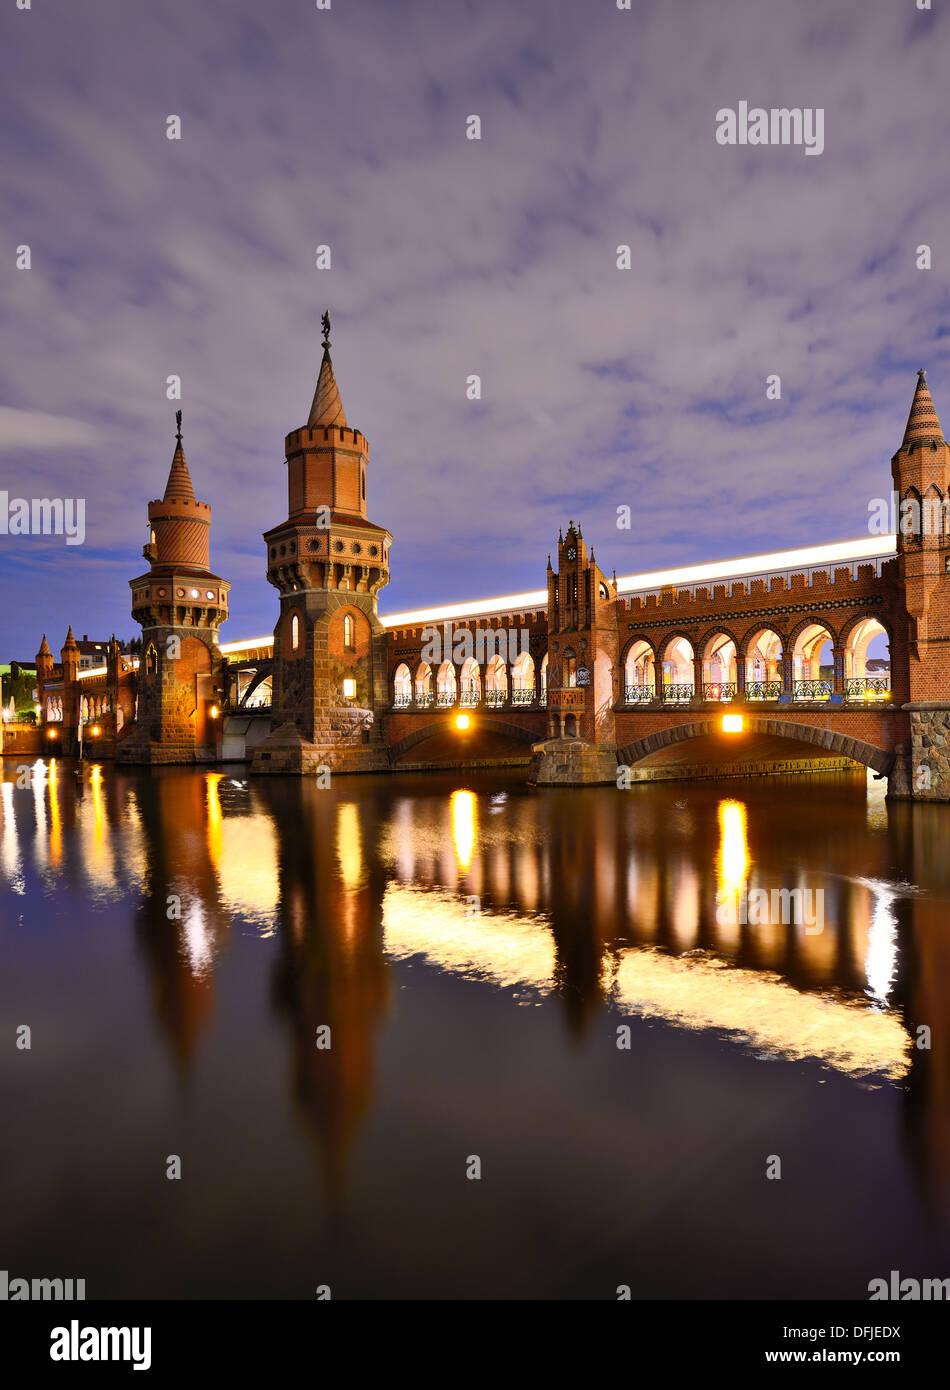 Oberbaumbrücke über die Spree in Berlin, Deutschland. Stockbild